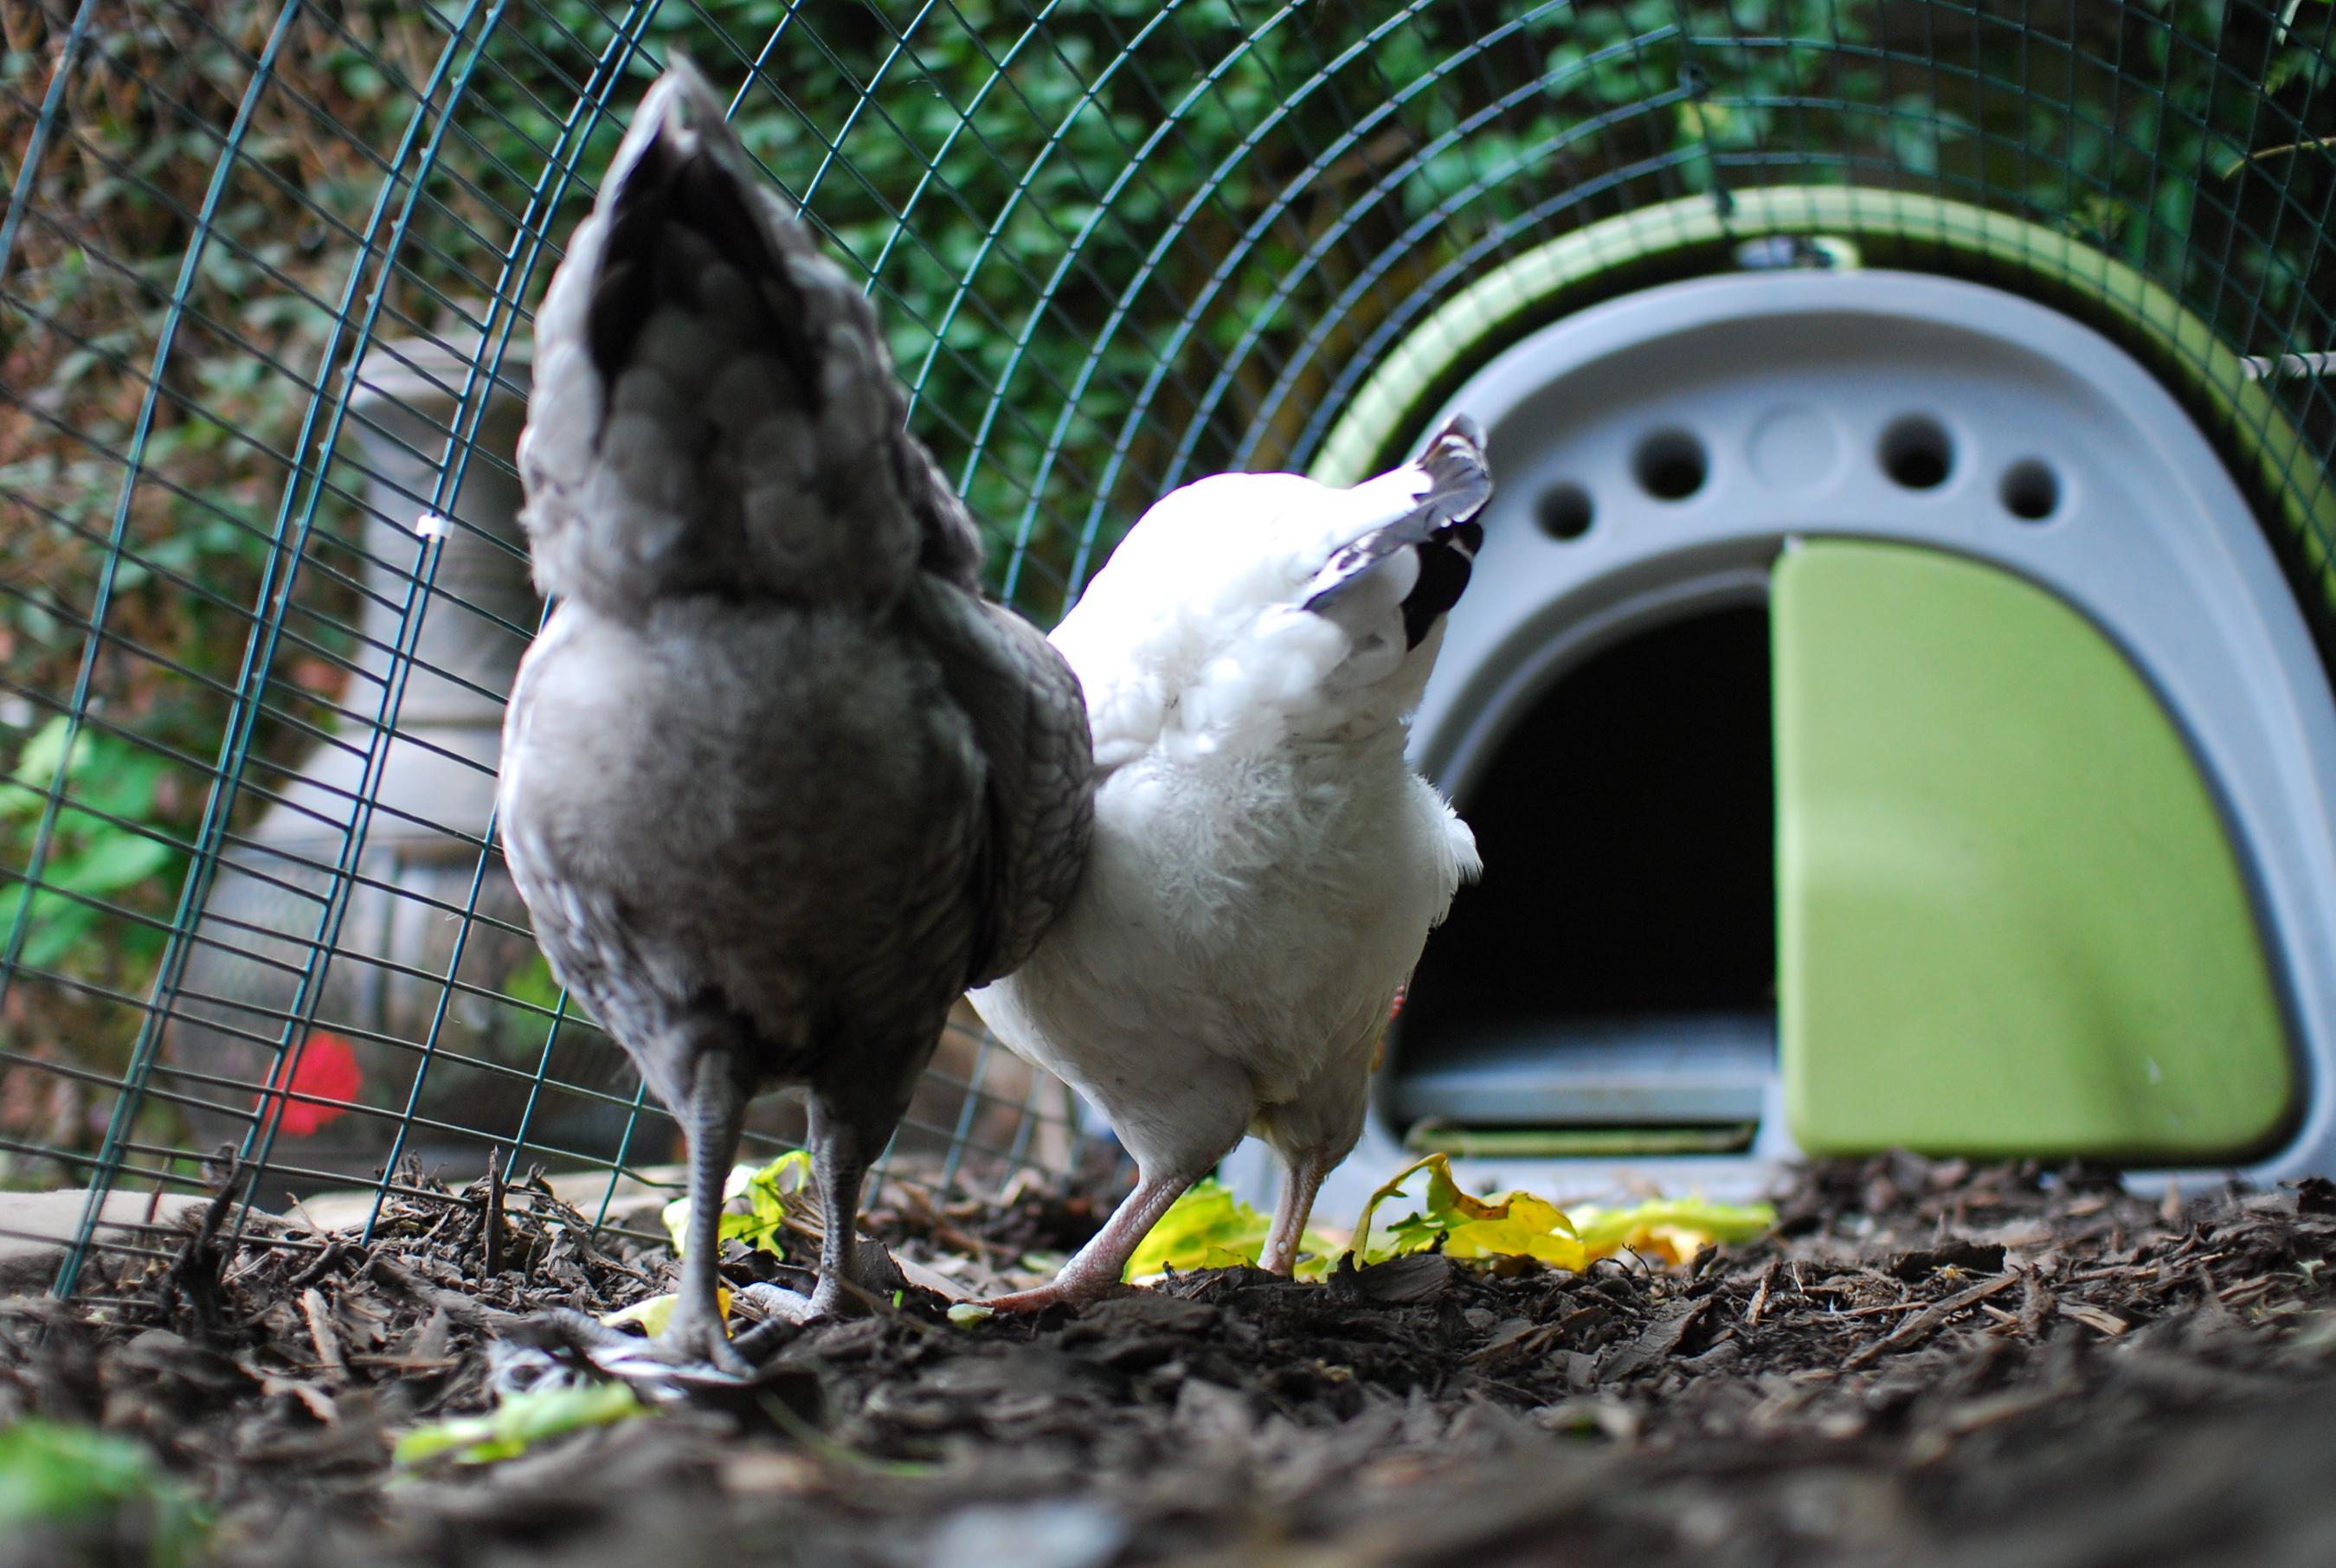 Paul Priggs wunderschöne Hennen suchen in der groben Holzspäne nach Käfern und sind geschützt durch ihren sicheren Auslauf